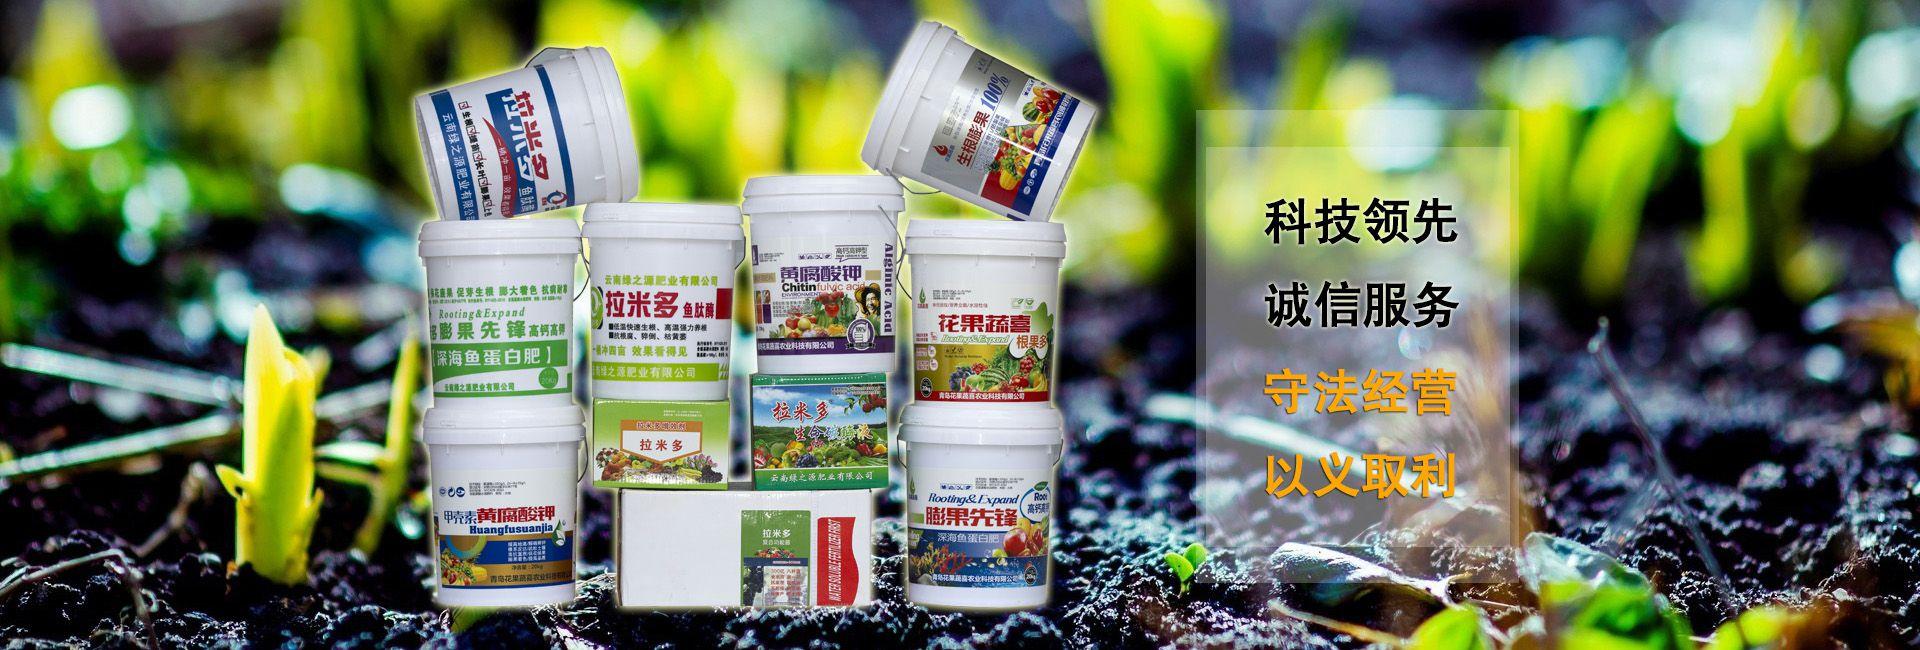 云南VWIN线上国际娱乐场肥业有限公司广告banner3